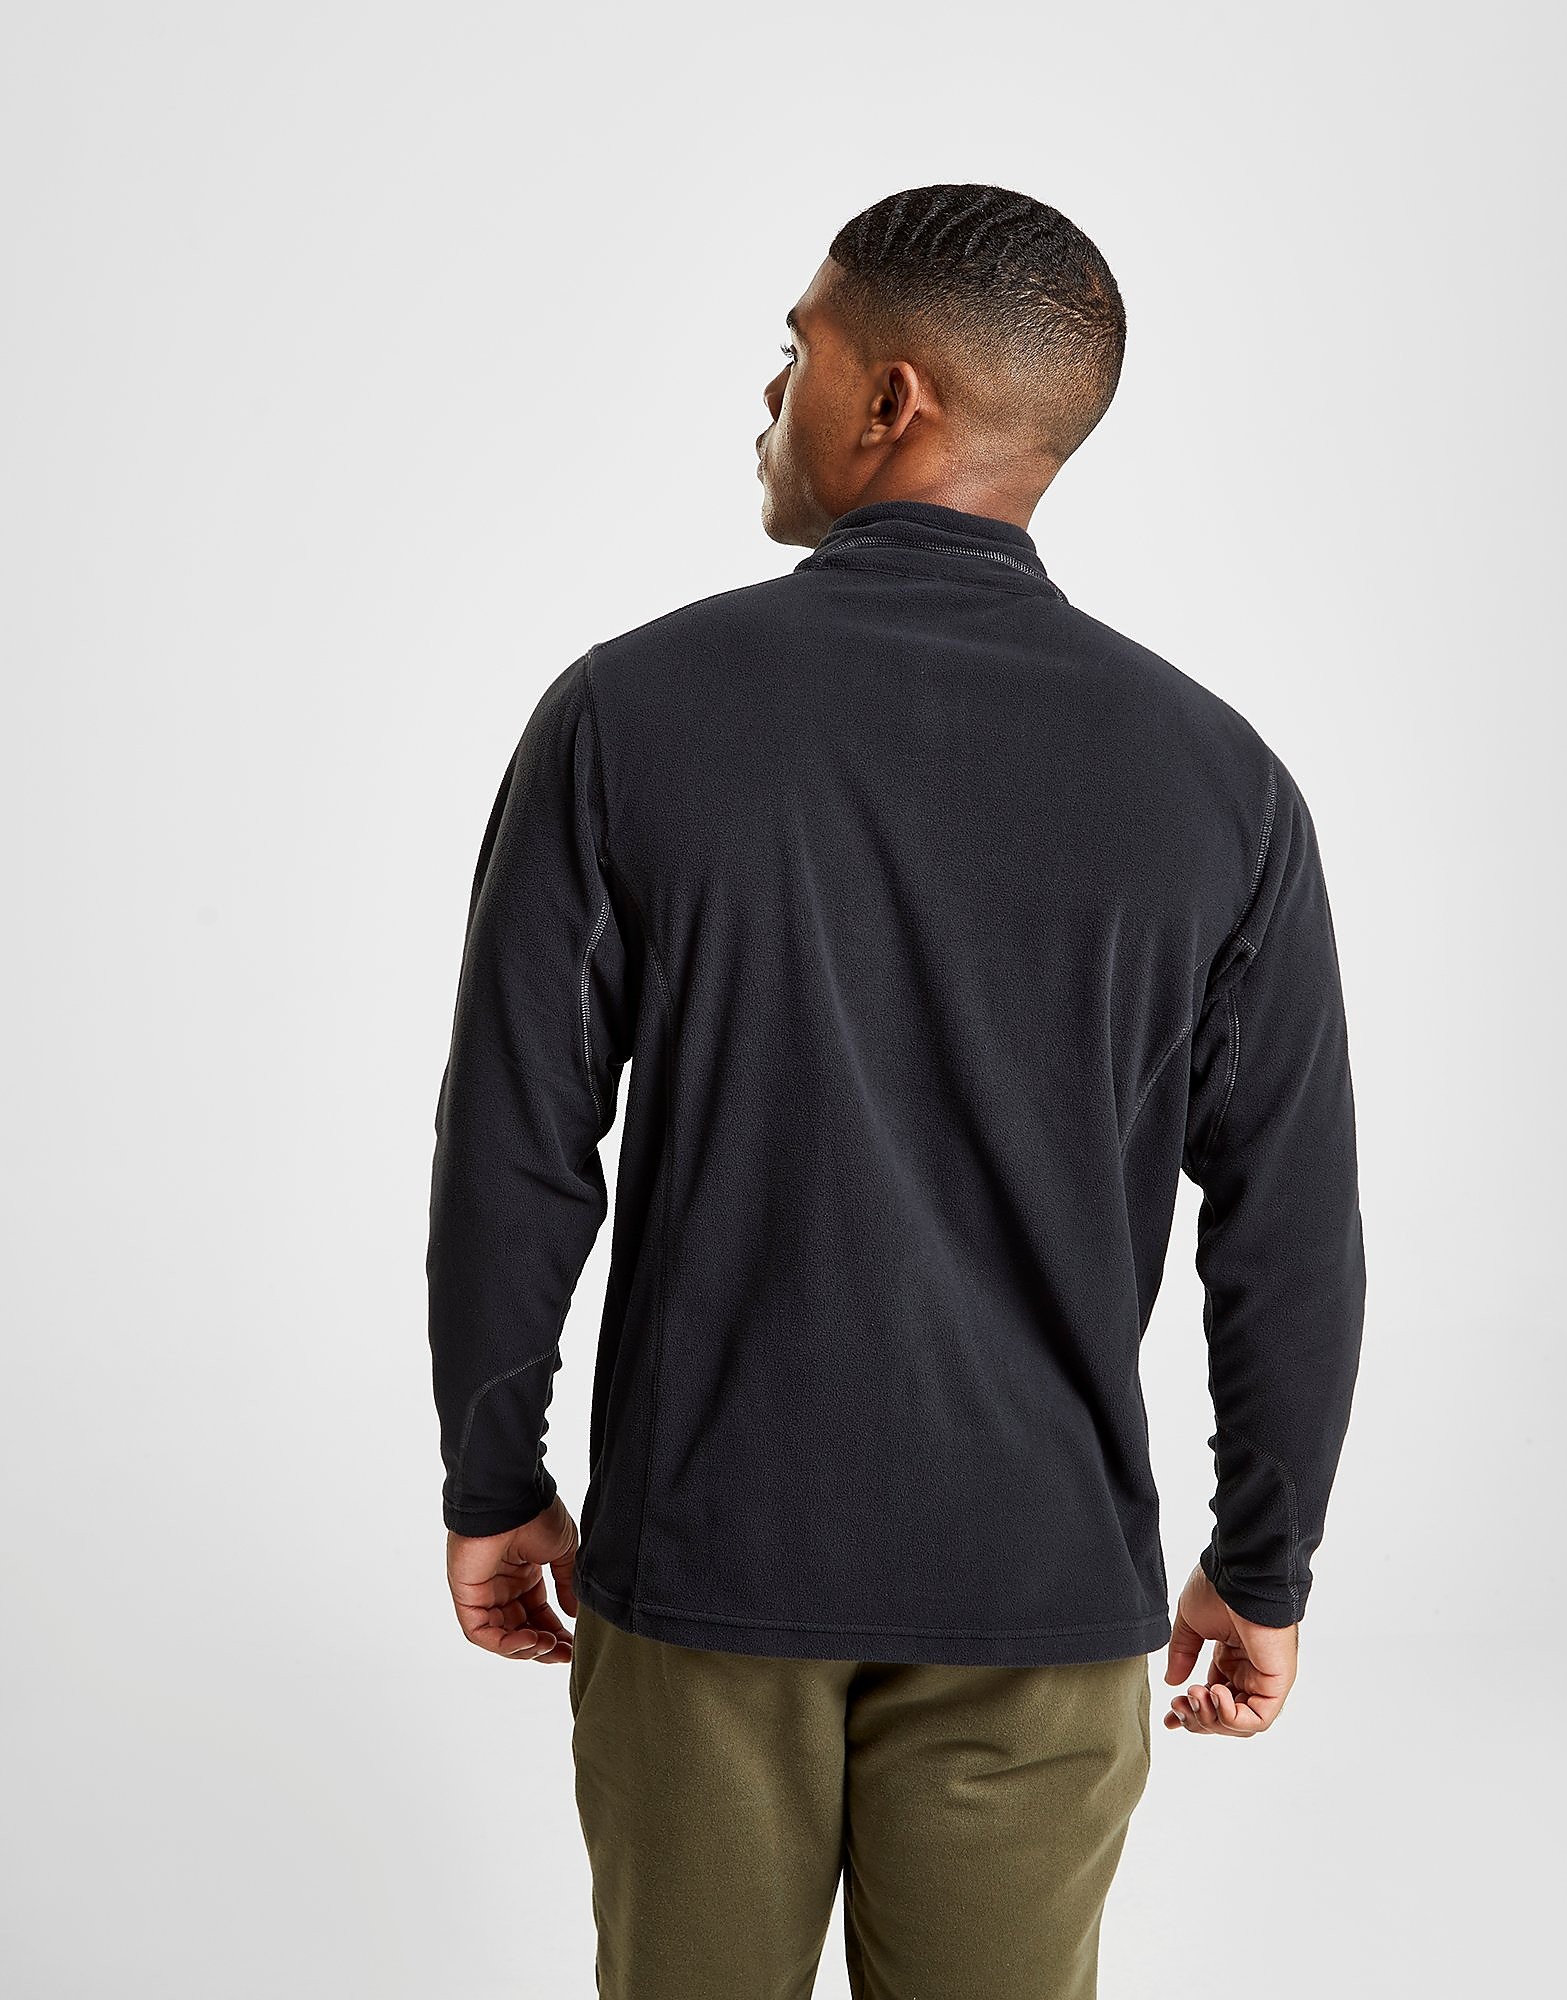 Columbia 1/4 Zip Micro Fleece Top